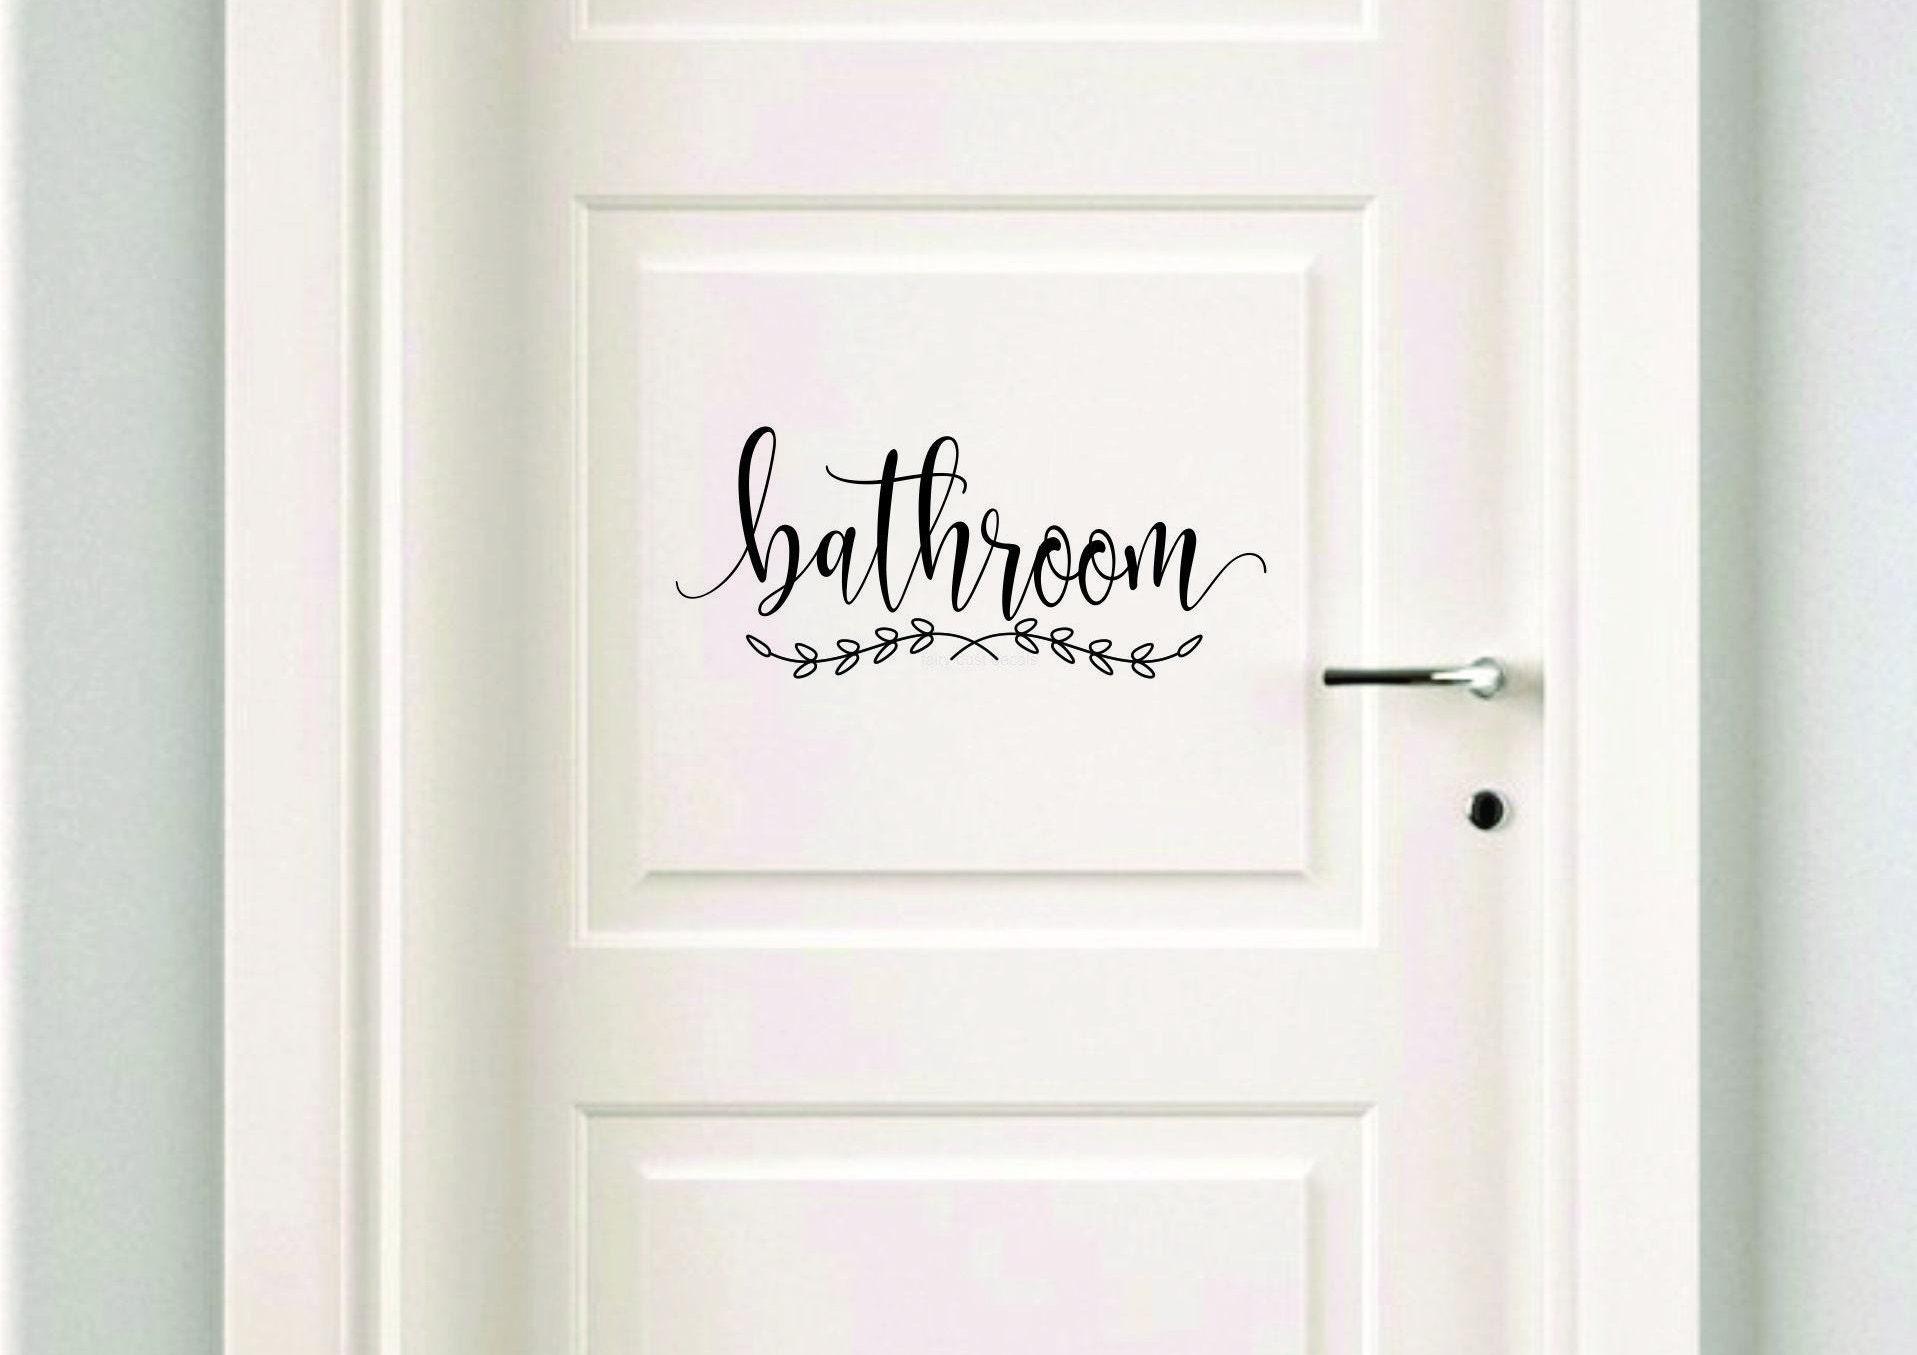 Bathroom decal make your own sign door decal bath door